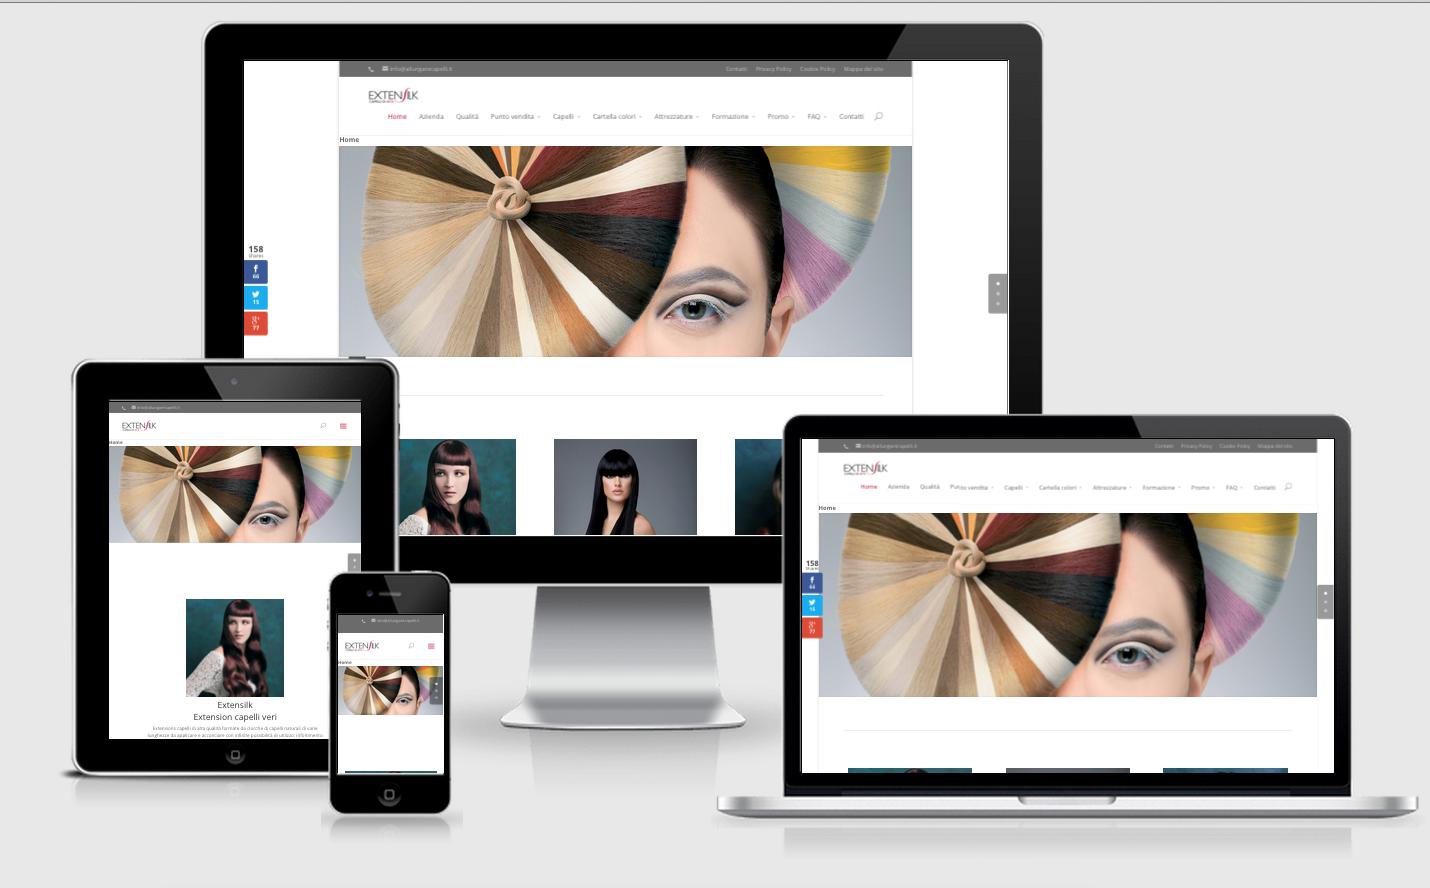 sito-web-extension-capelli-extensilk